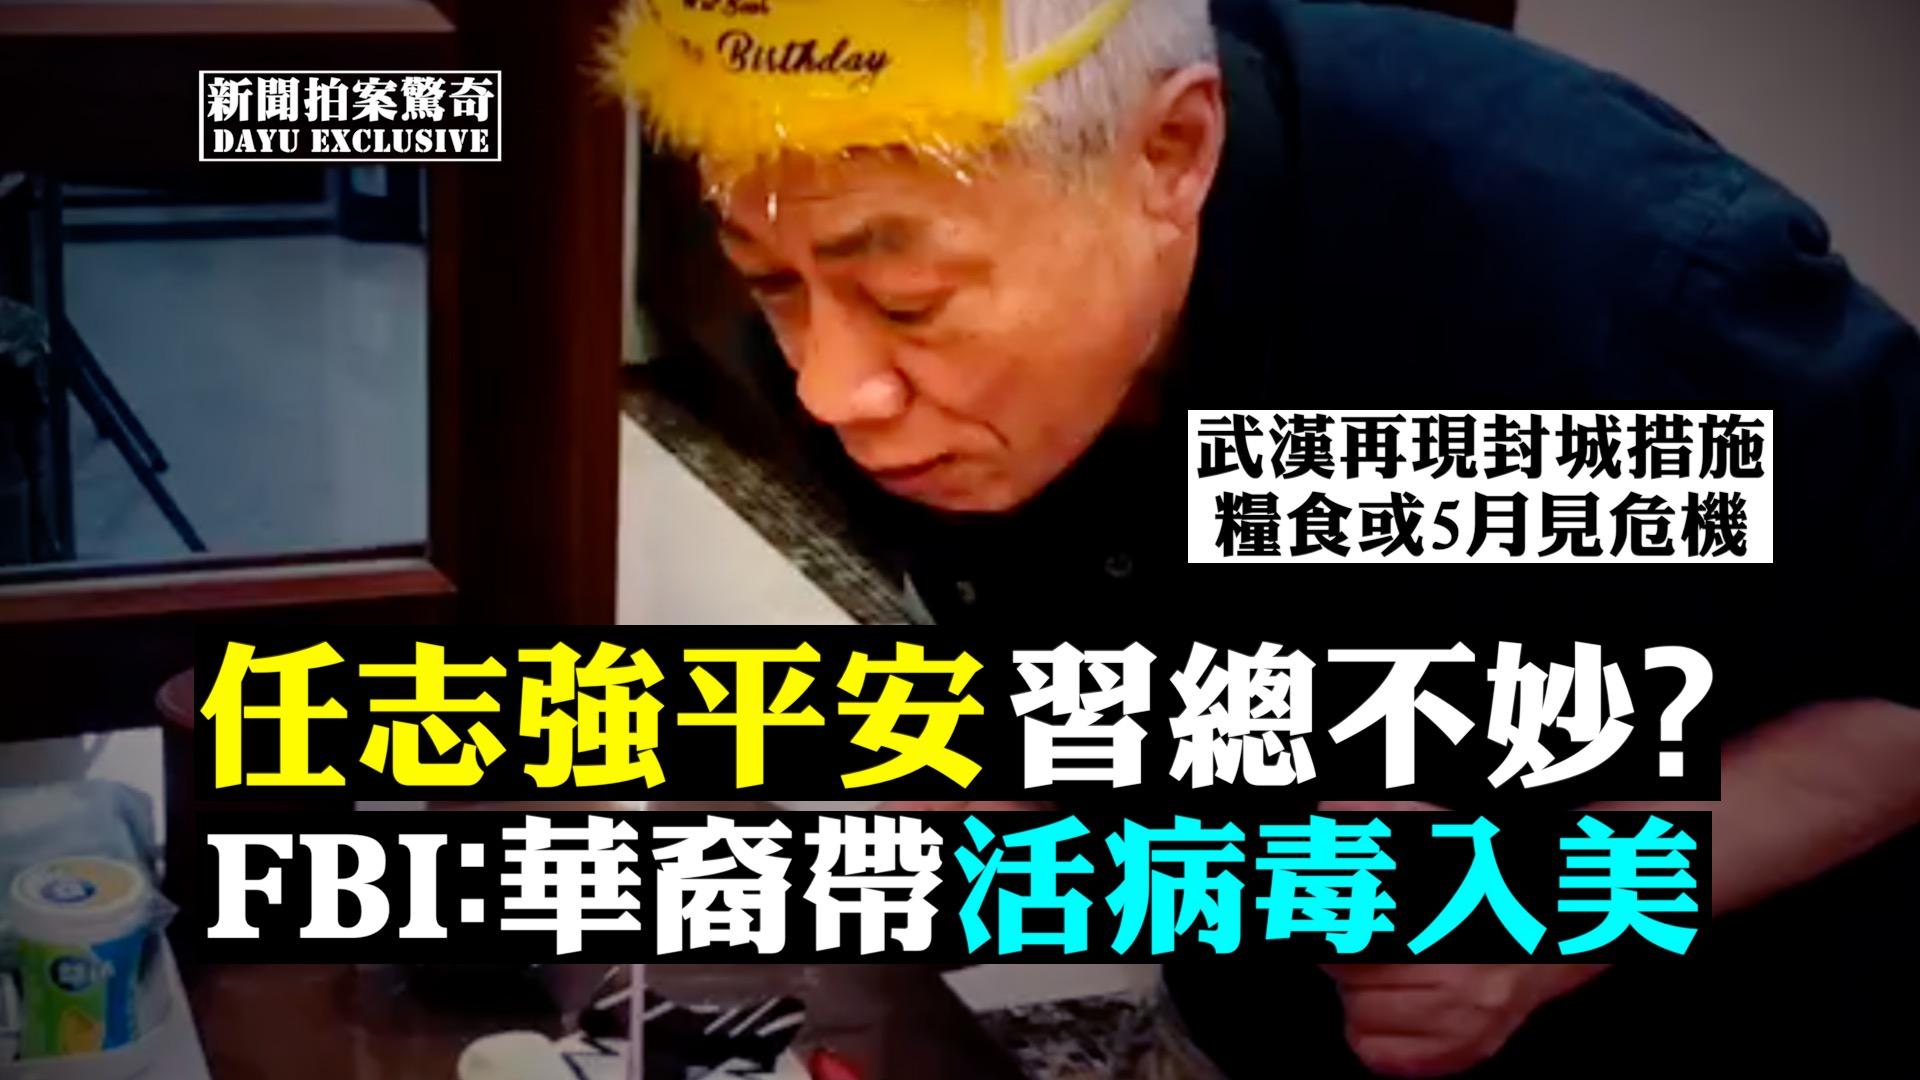 任志強新影片;中國開始隔離無症患者;武漢緊急叫停公交火車;額溫槍故障,怎麼測都發燒。(新唐人合成)